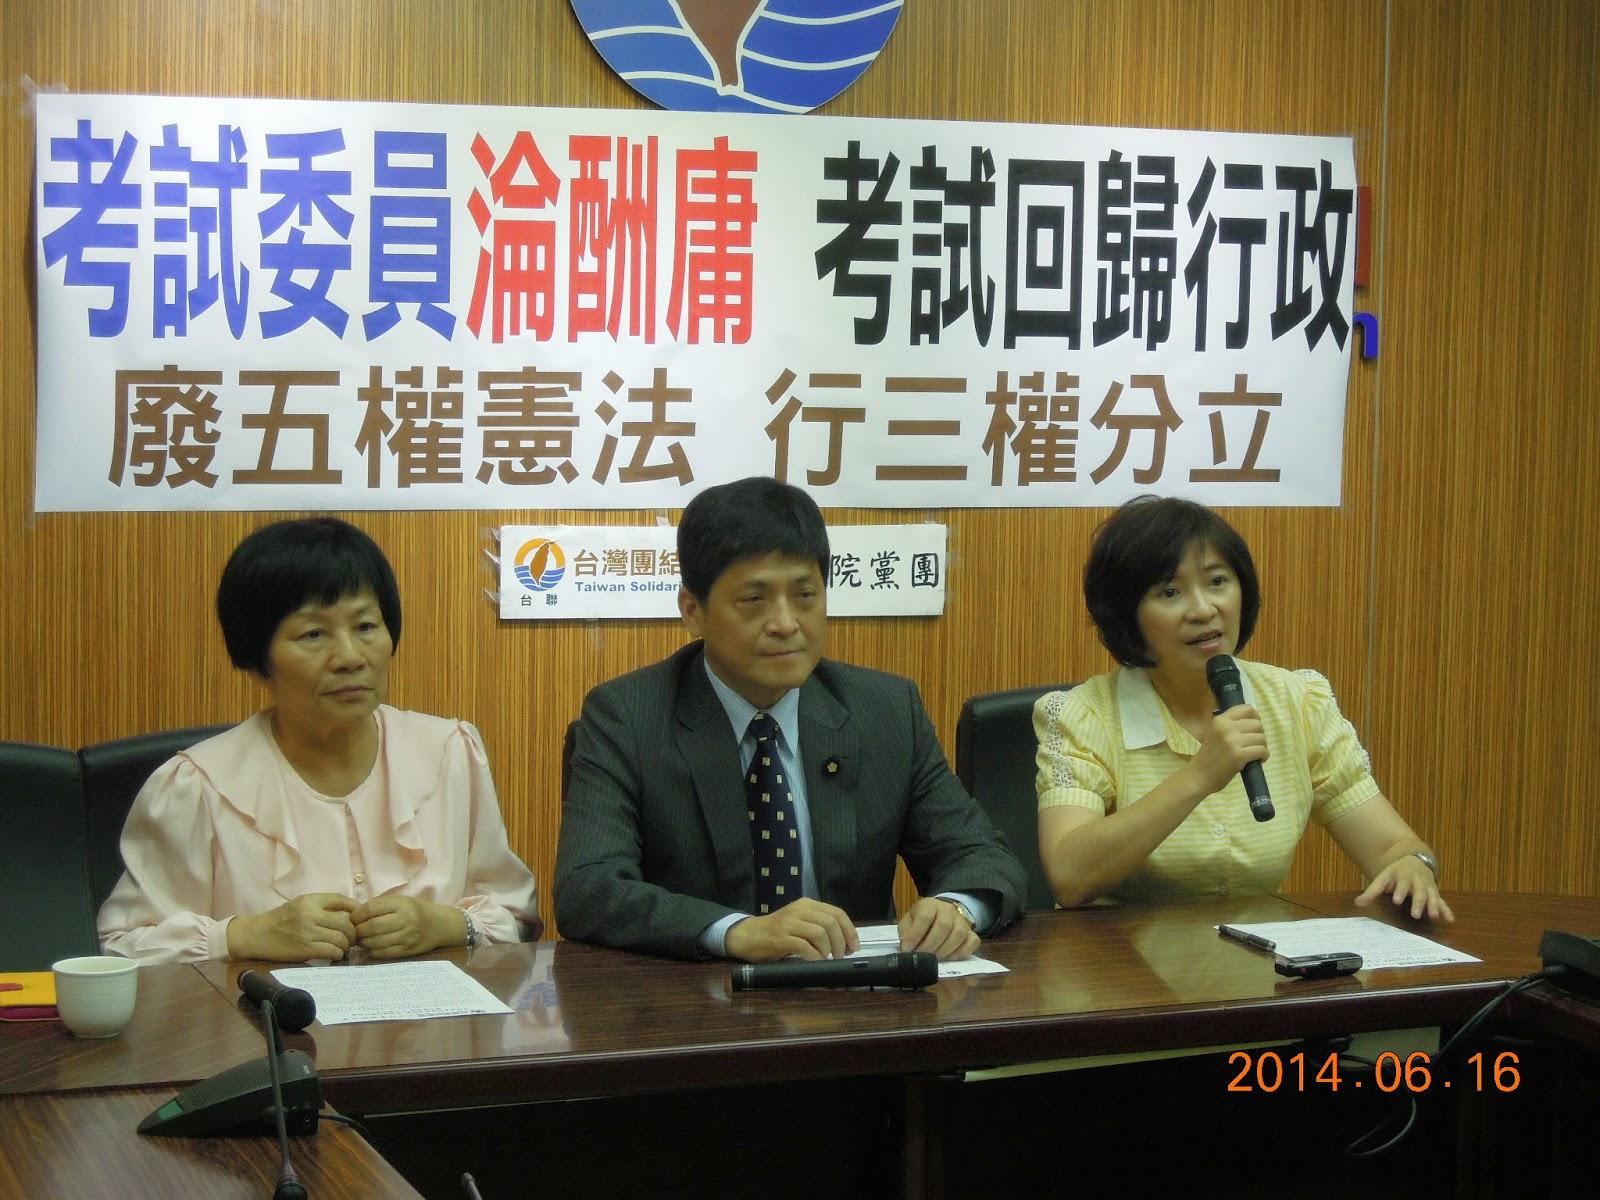 數位網路報: 臺聯:考試權回歸行政權,廢五權行三權分立